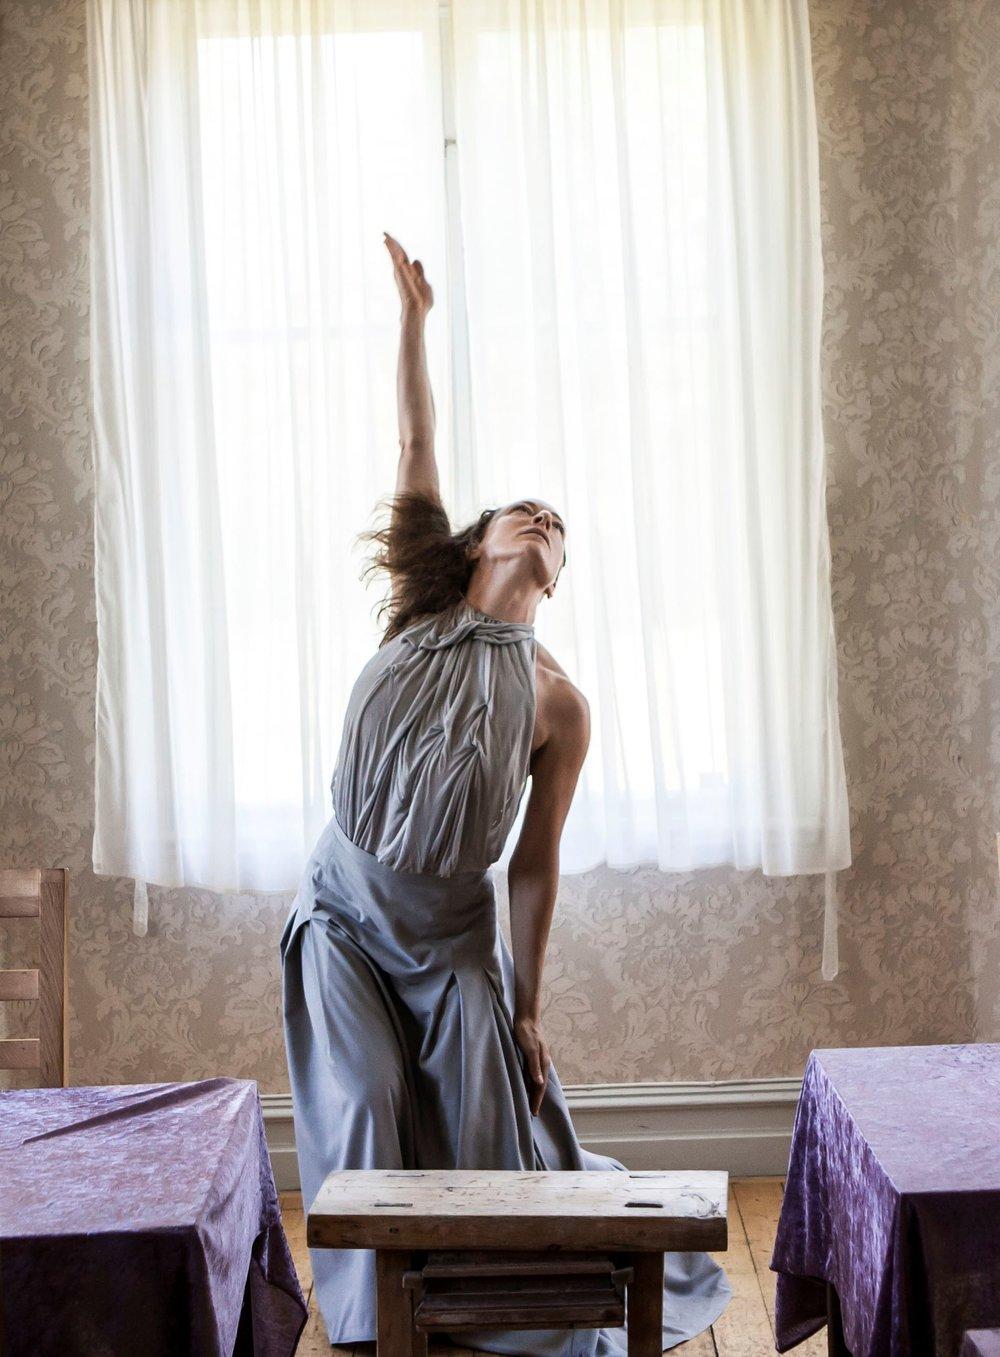 Dansaren Elin Kristoffersson kommer att uppträda med solodans på Midvinterglöd den 10 december 2016